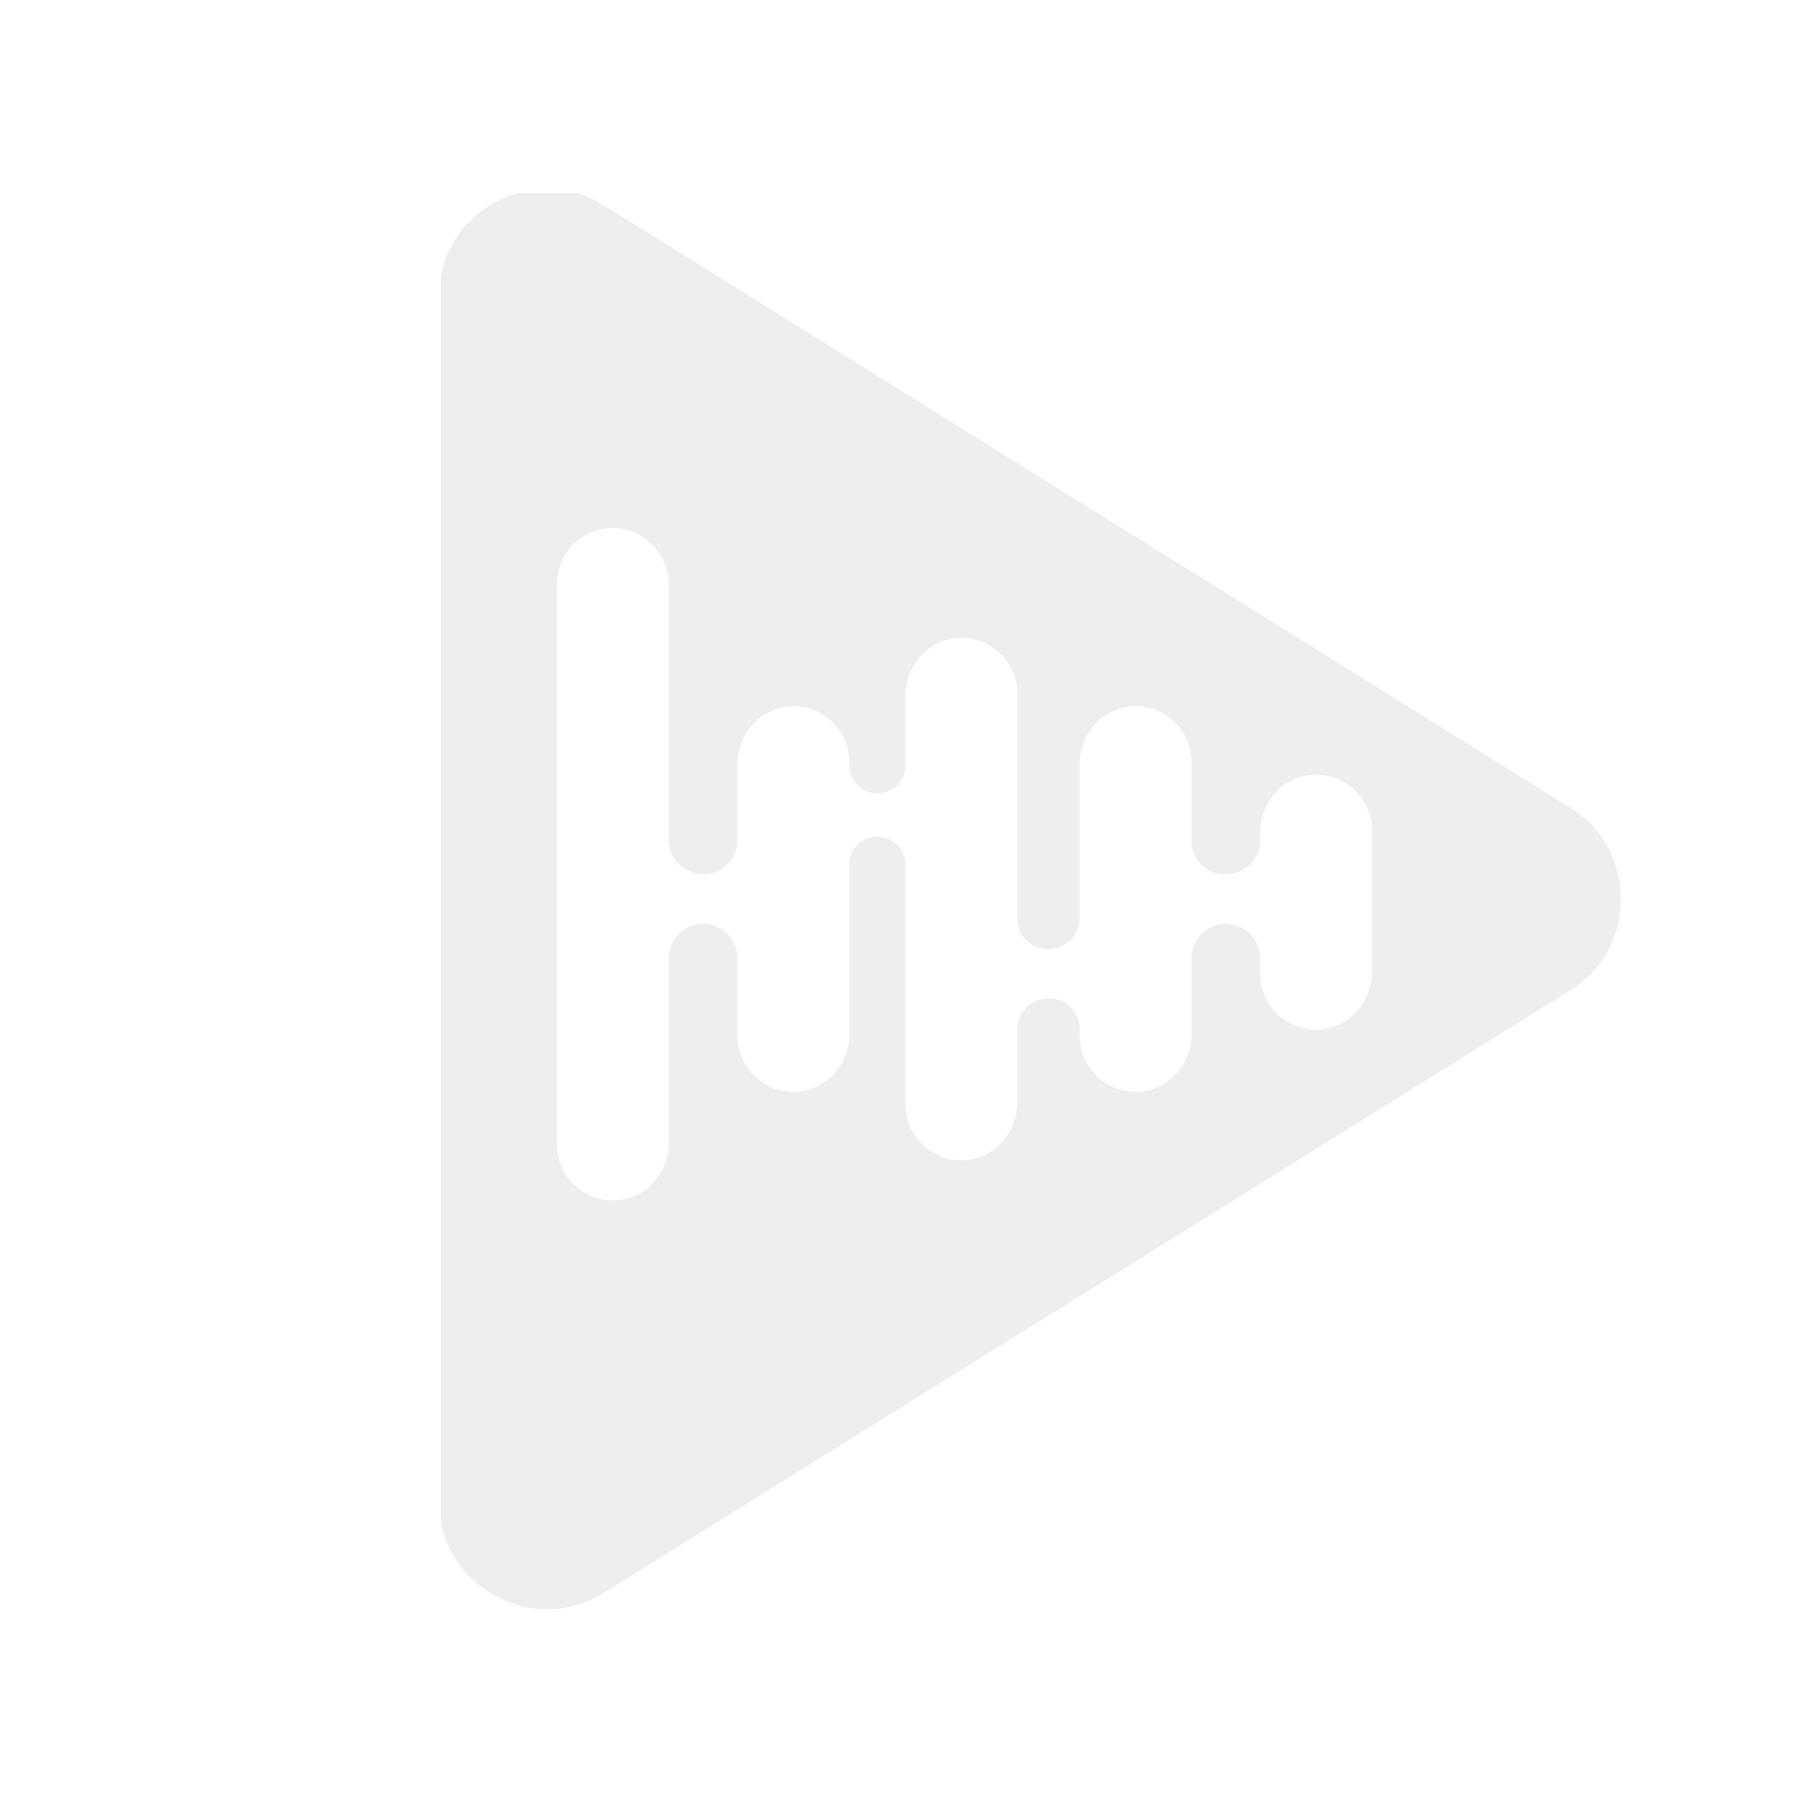 Audison 10081193